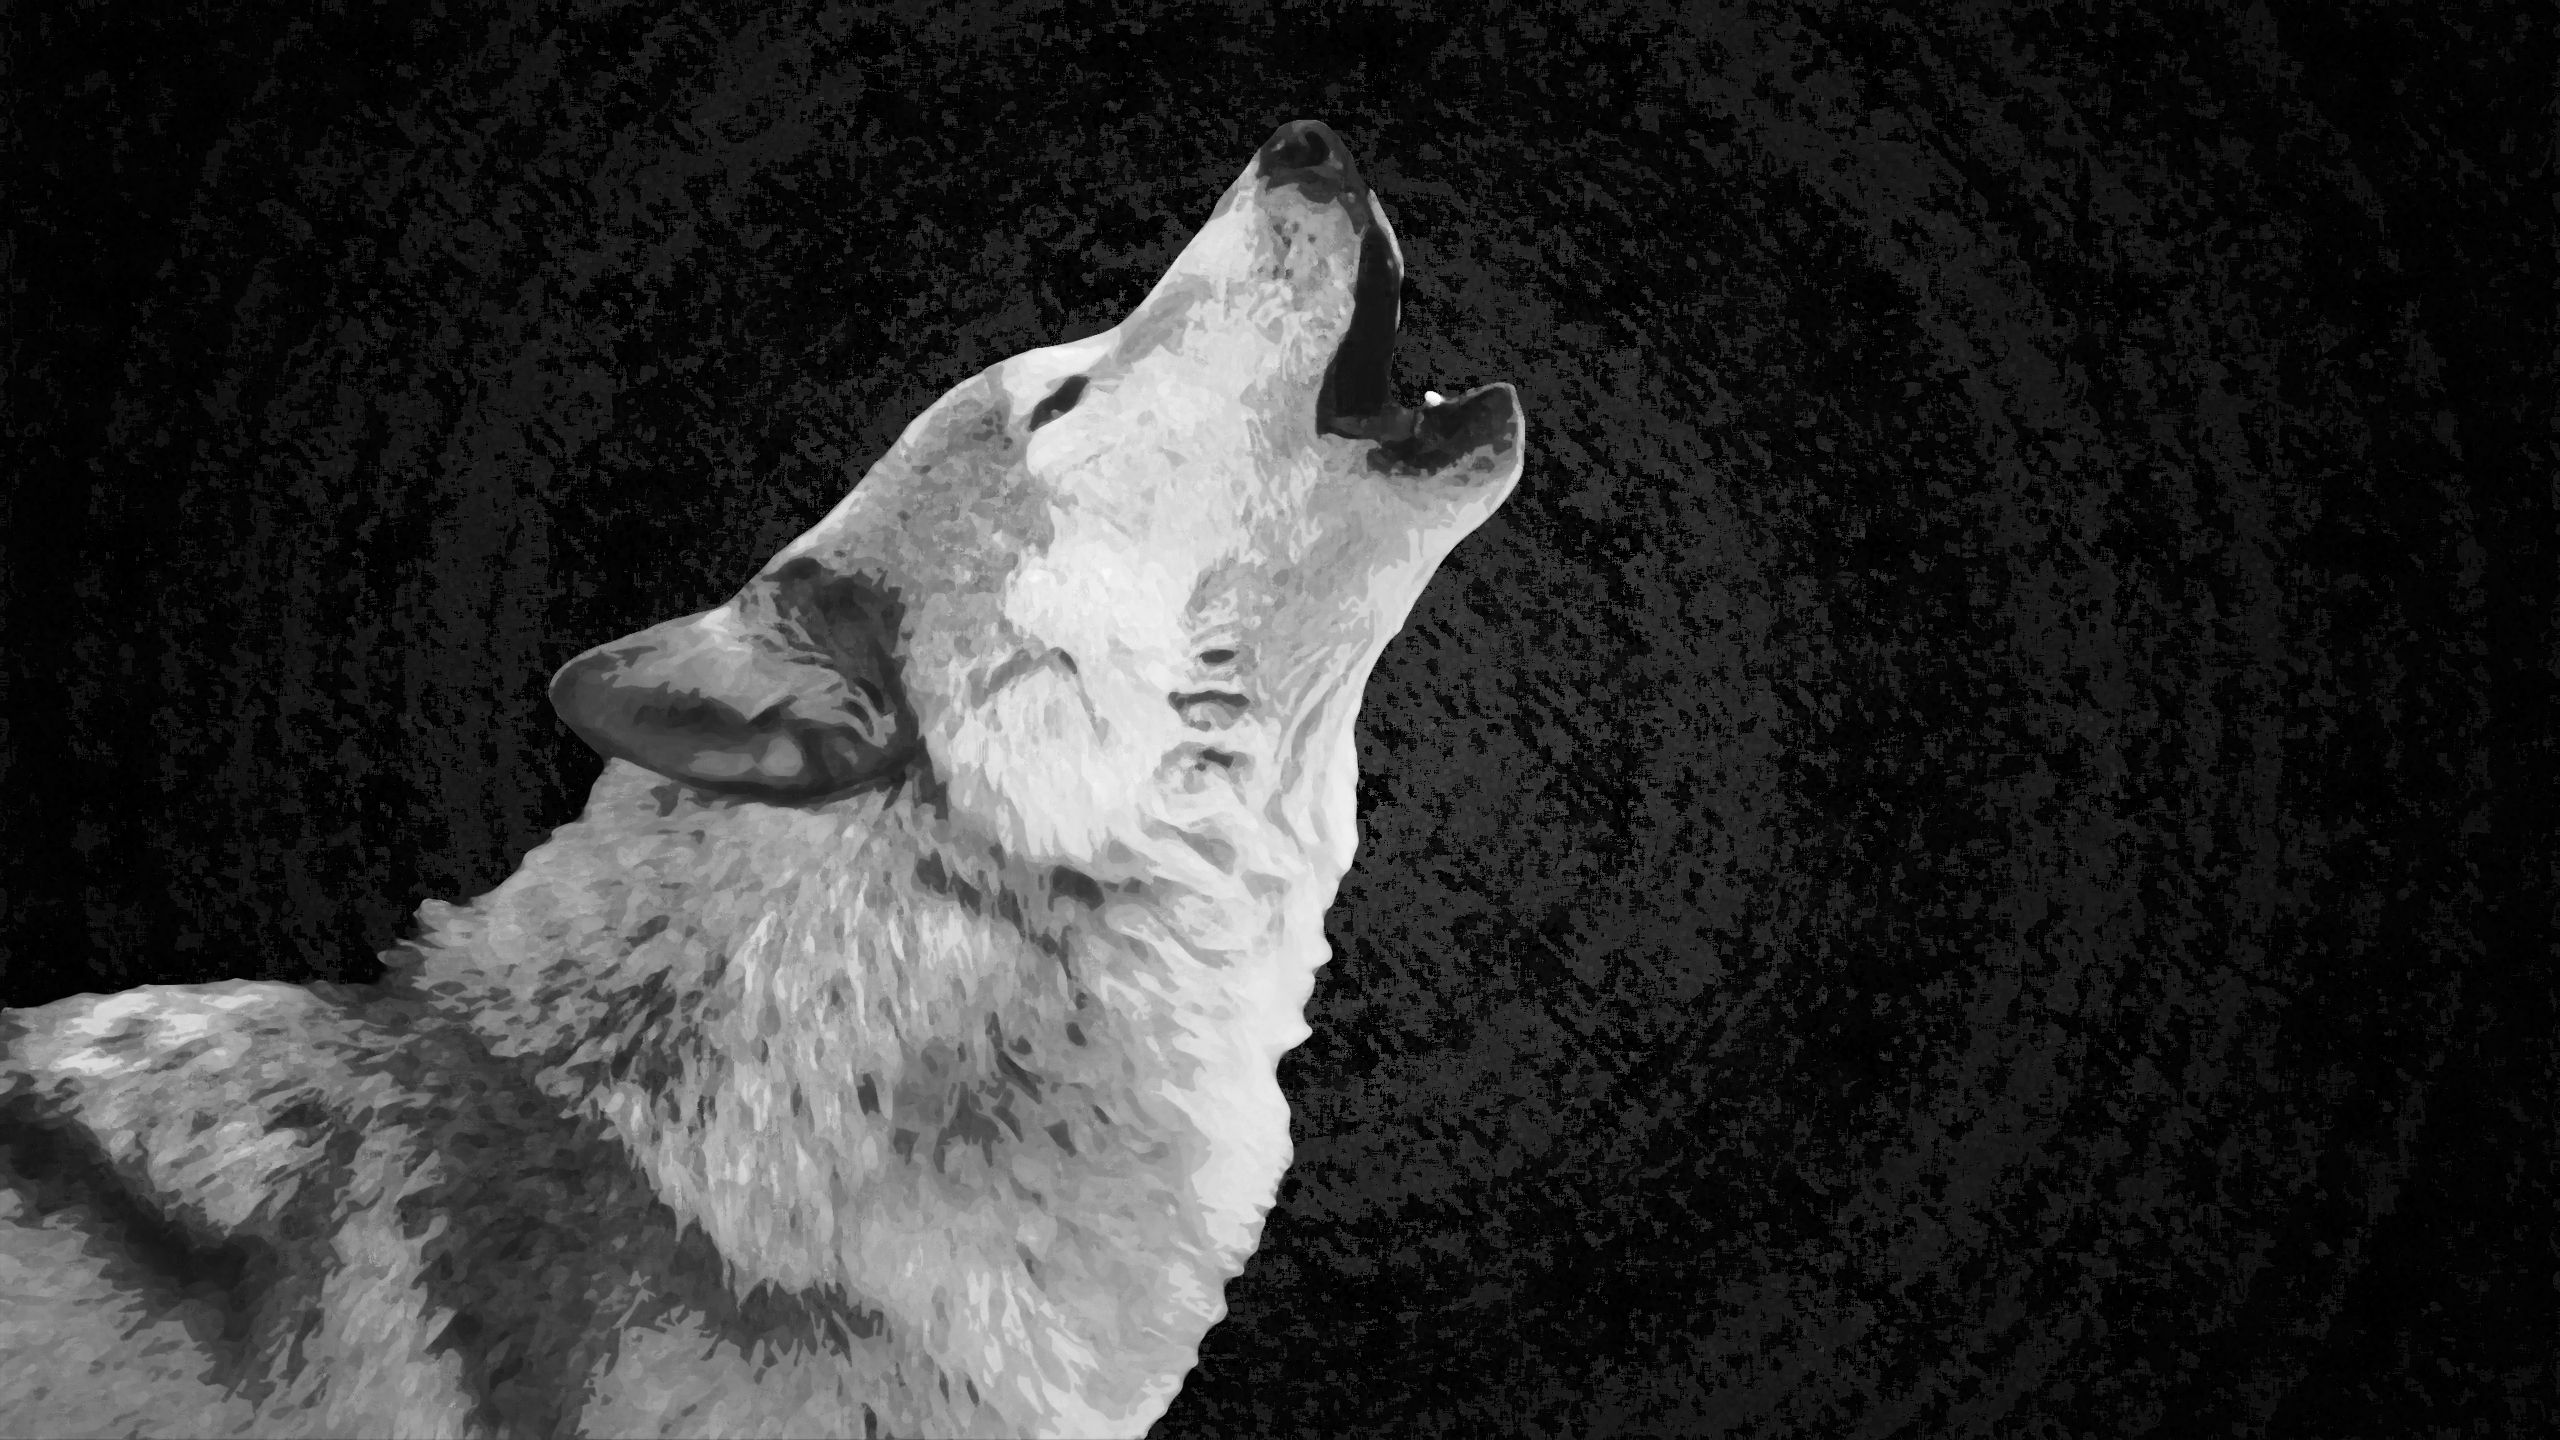 Wolf 2560x1440